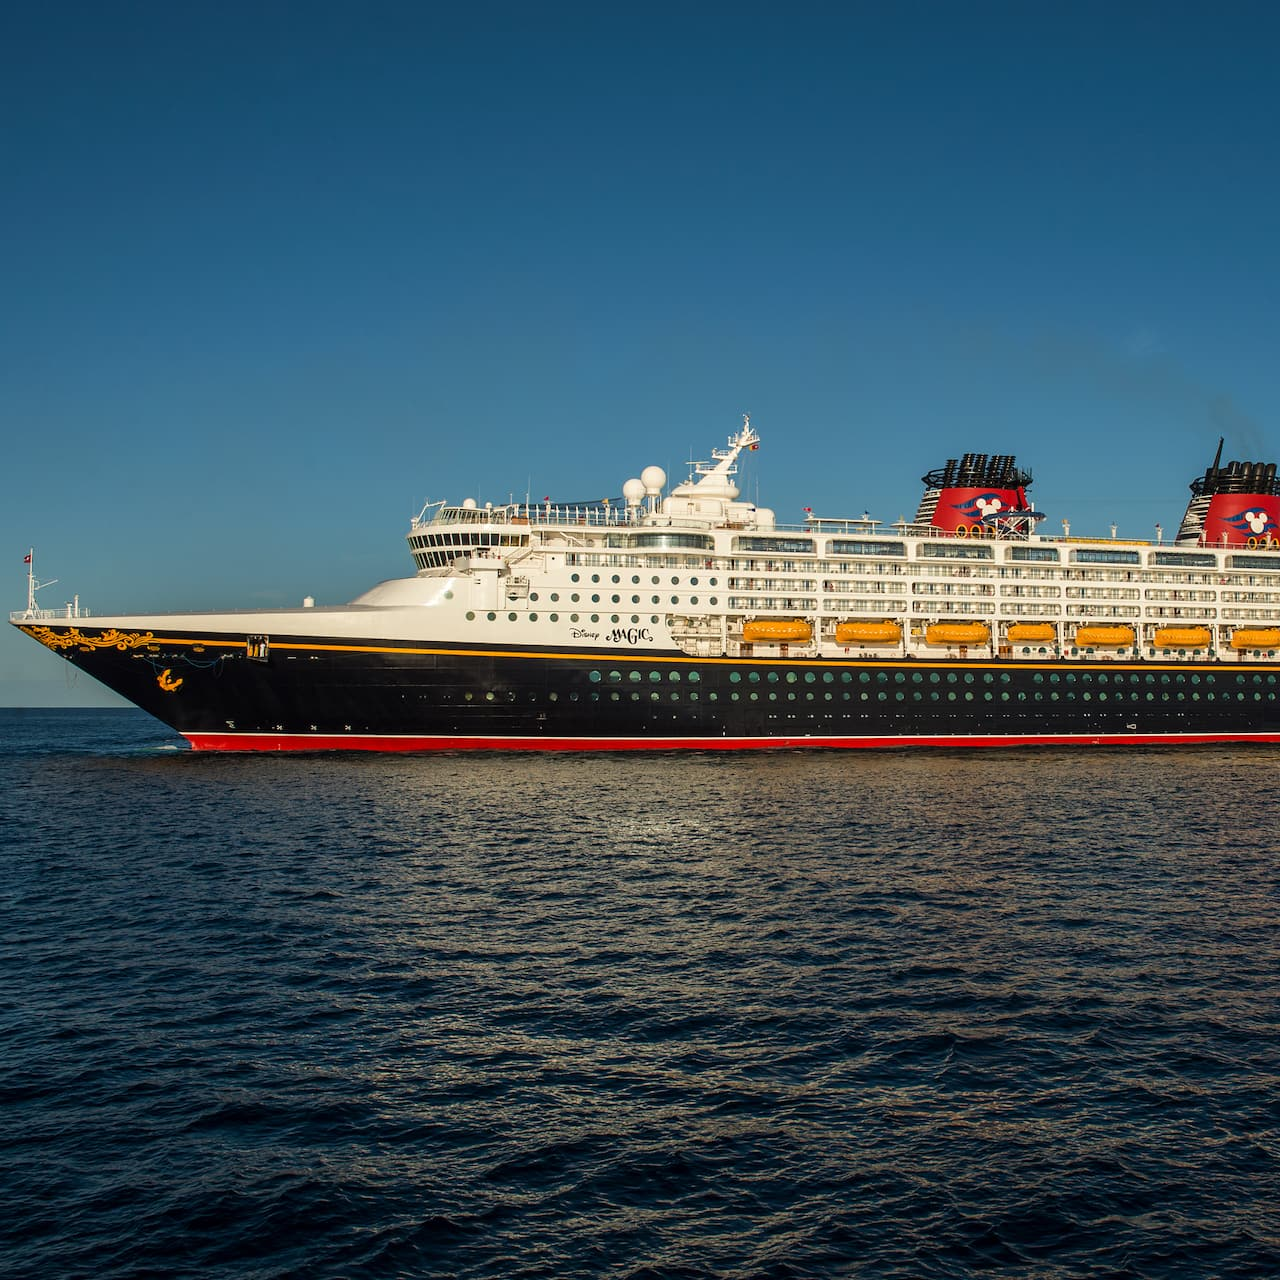 The Disney Cruise Line cruise ship, Disney Magic, at sea